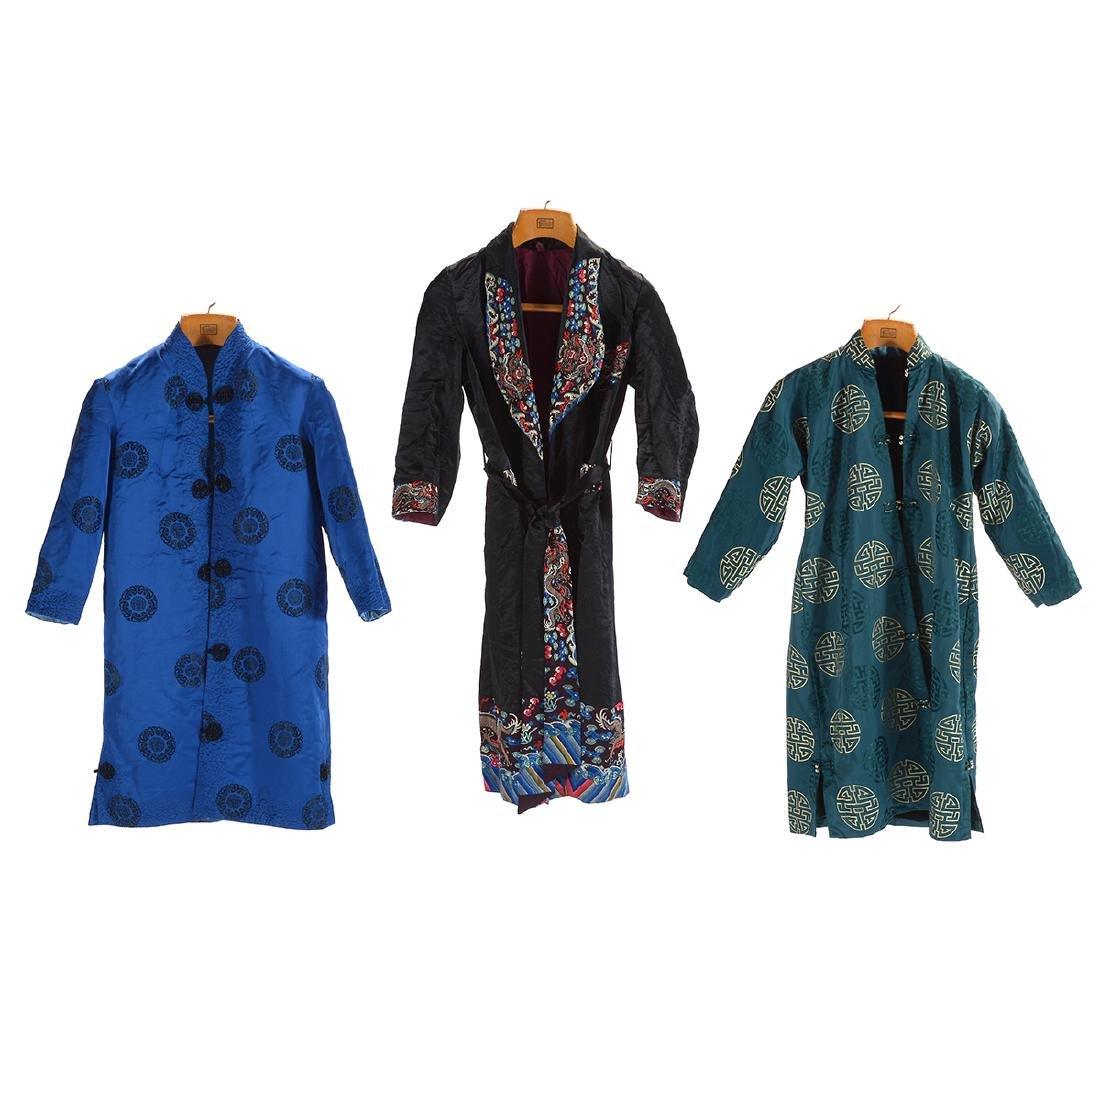 Three Silk-Lined Fur Coats